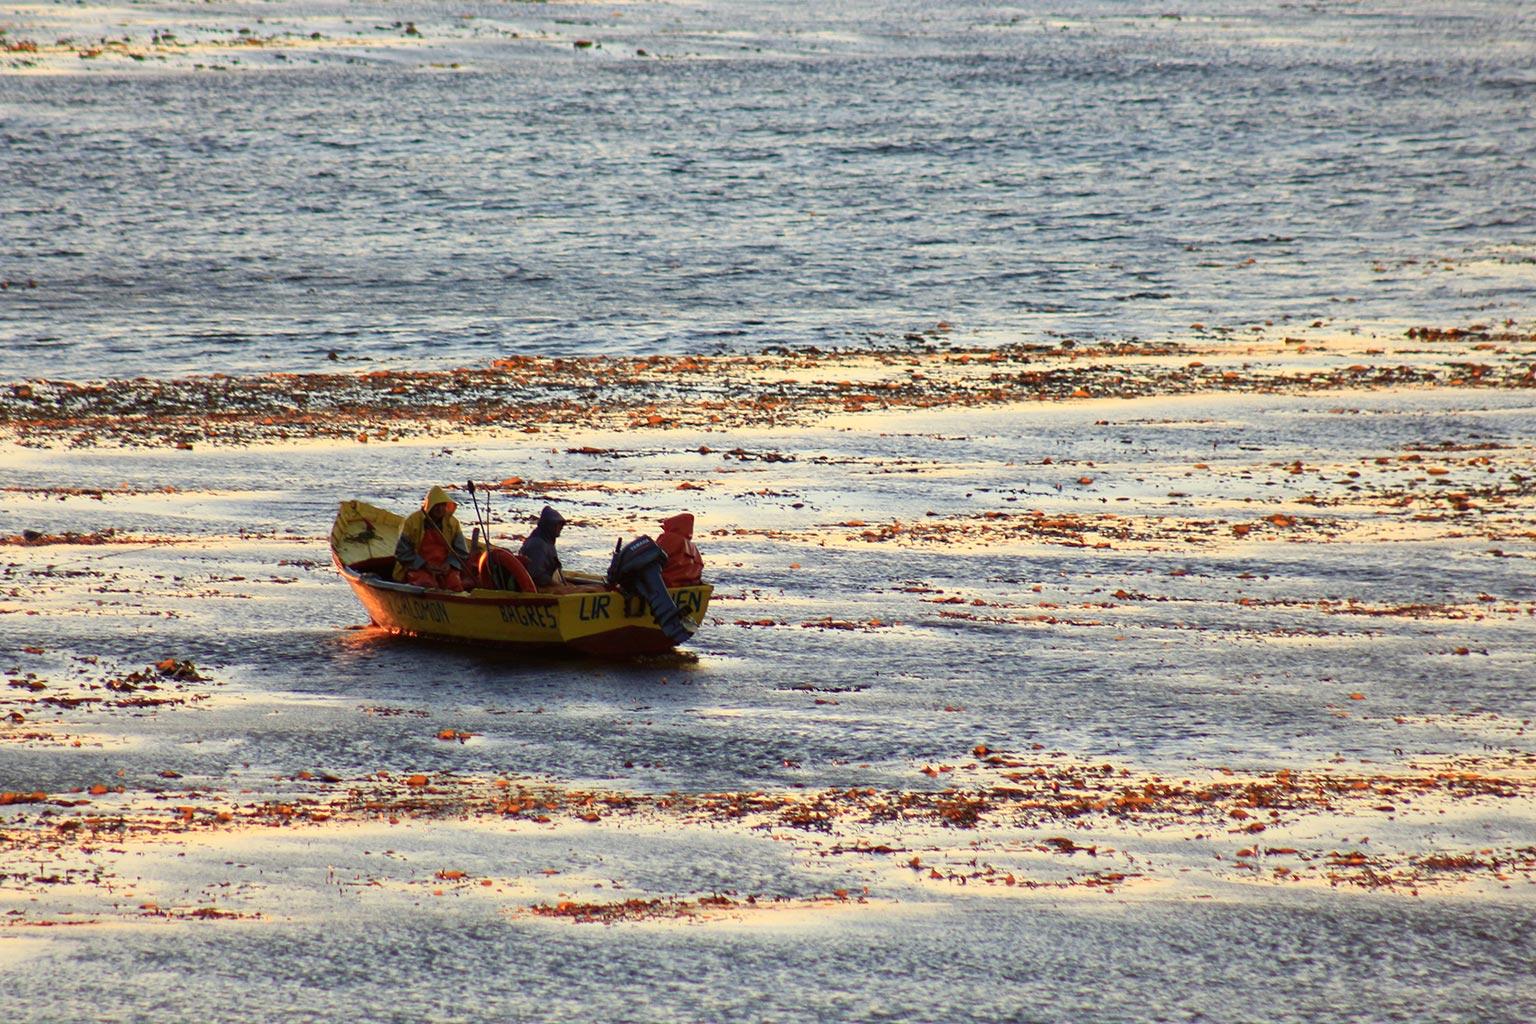 Pescadores en bote en el mar